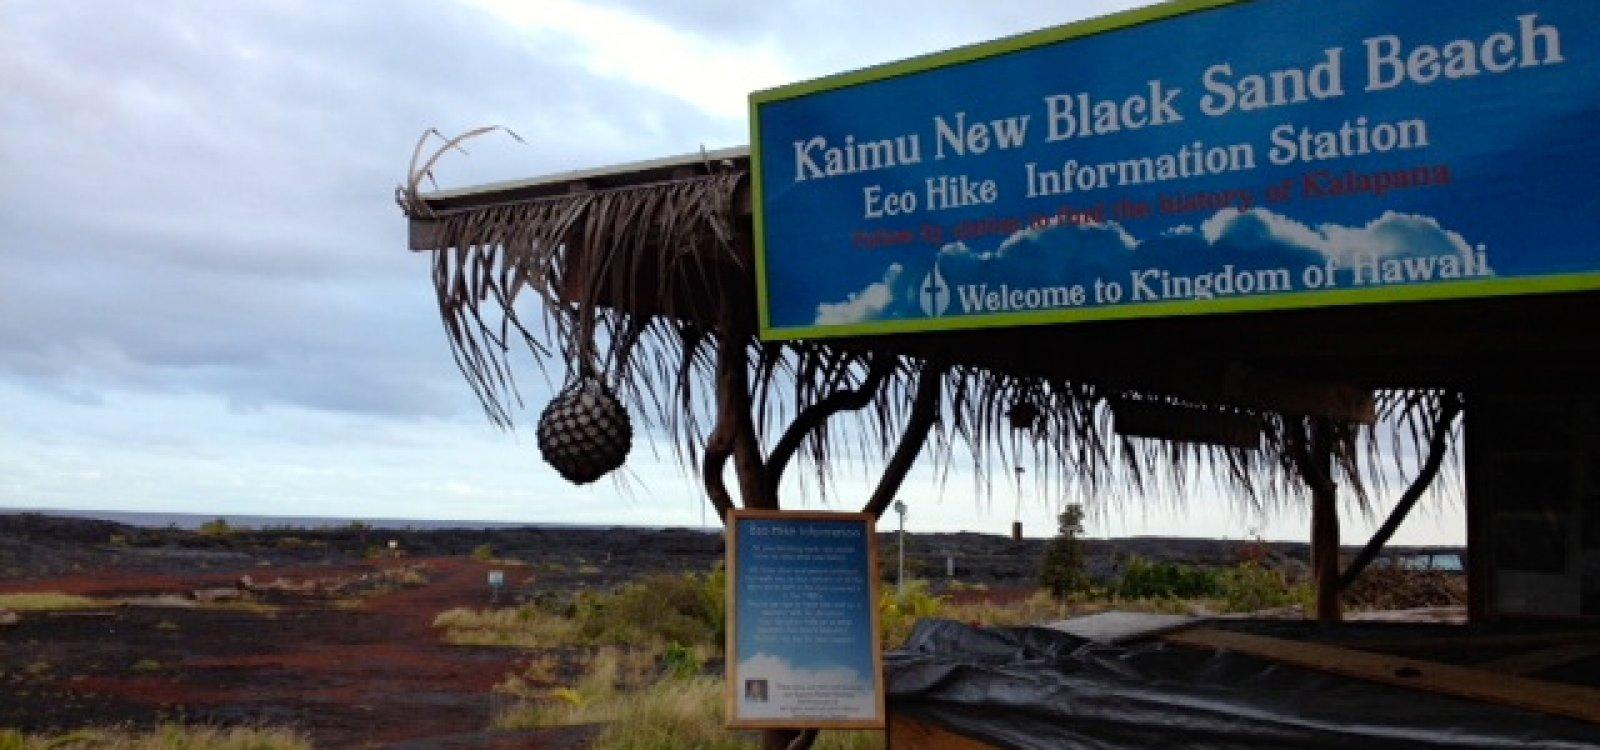 The New Kaimu Beach Photo Gallery